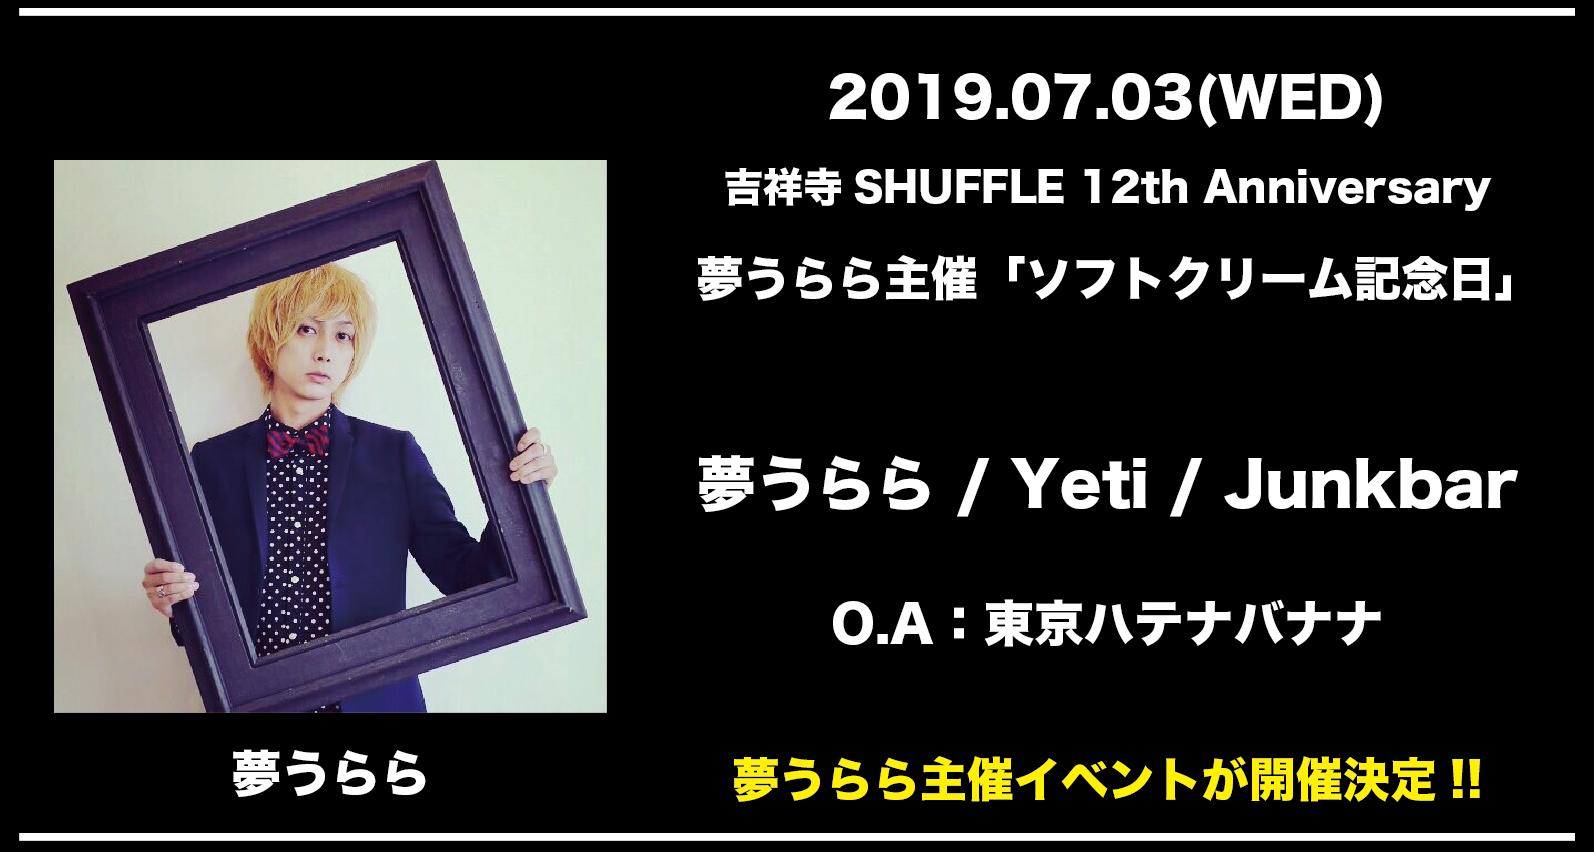 吉祥寺SHUFFLE 12th Anniversary 夢うらら主催「ソフトクリーム記念日」